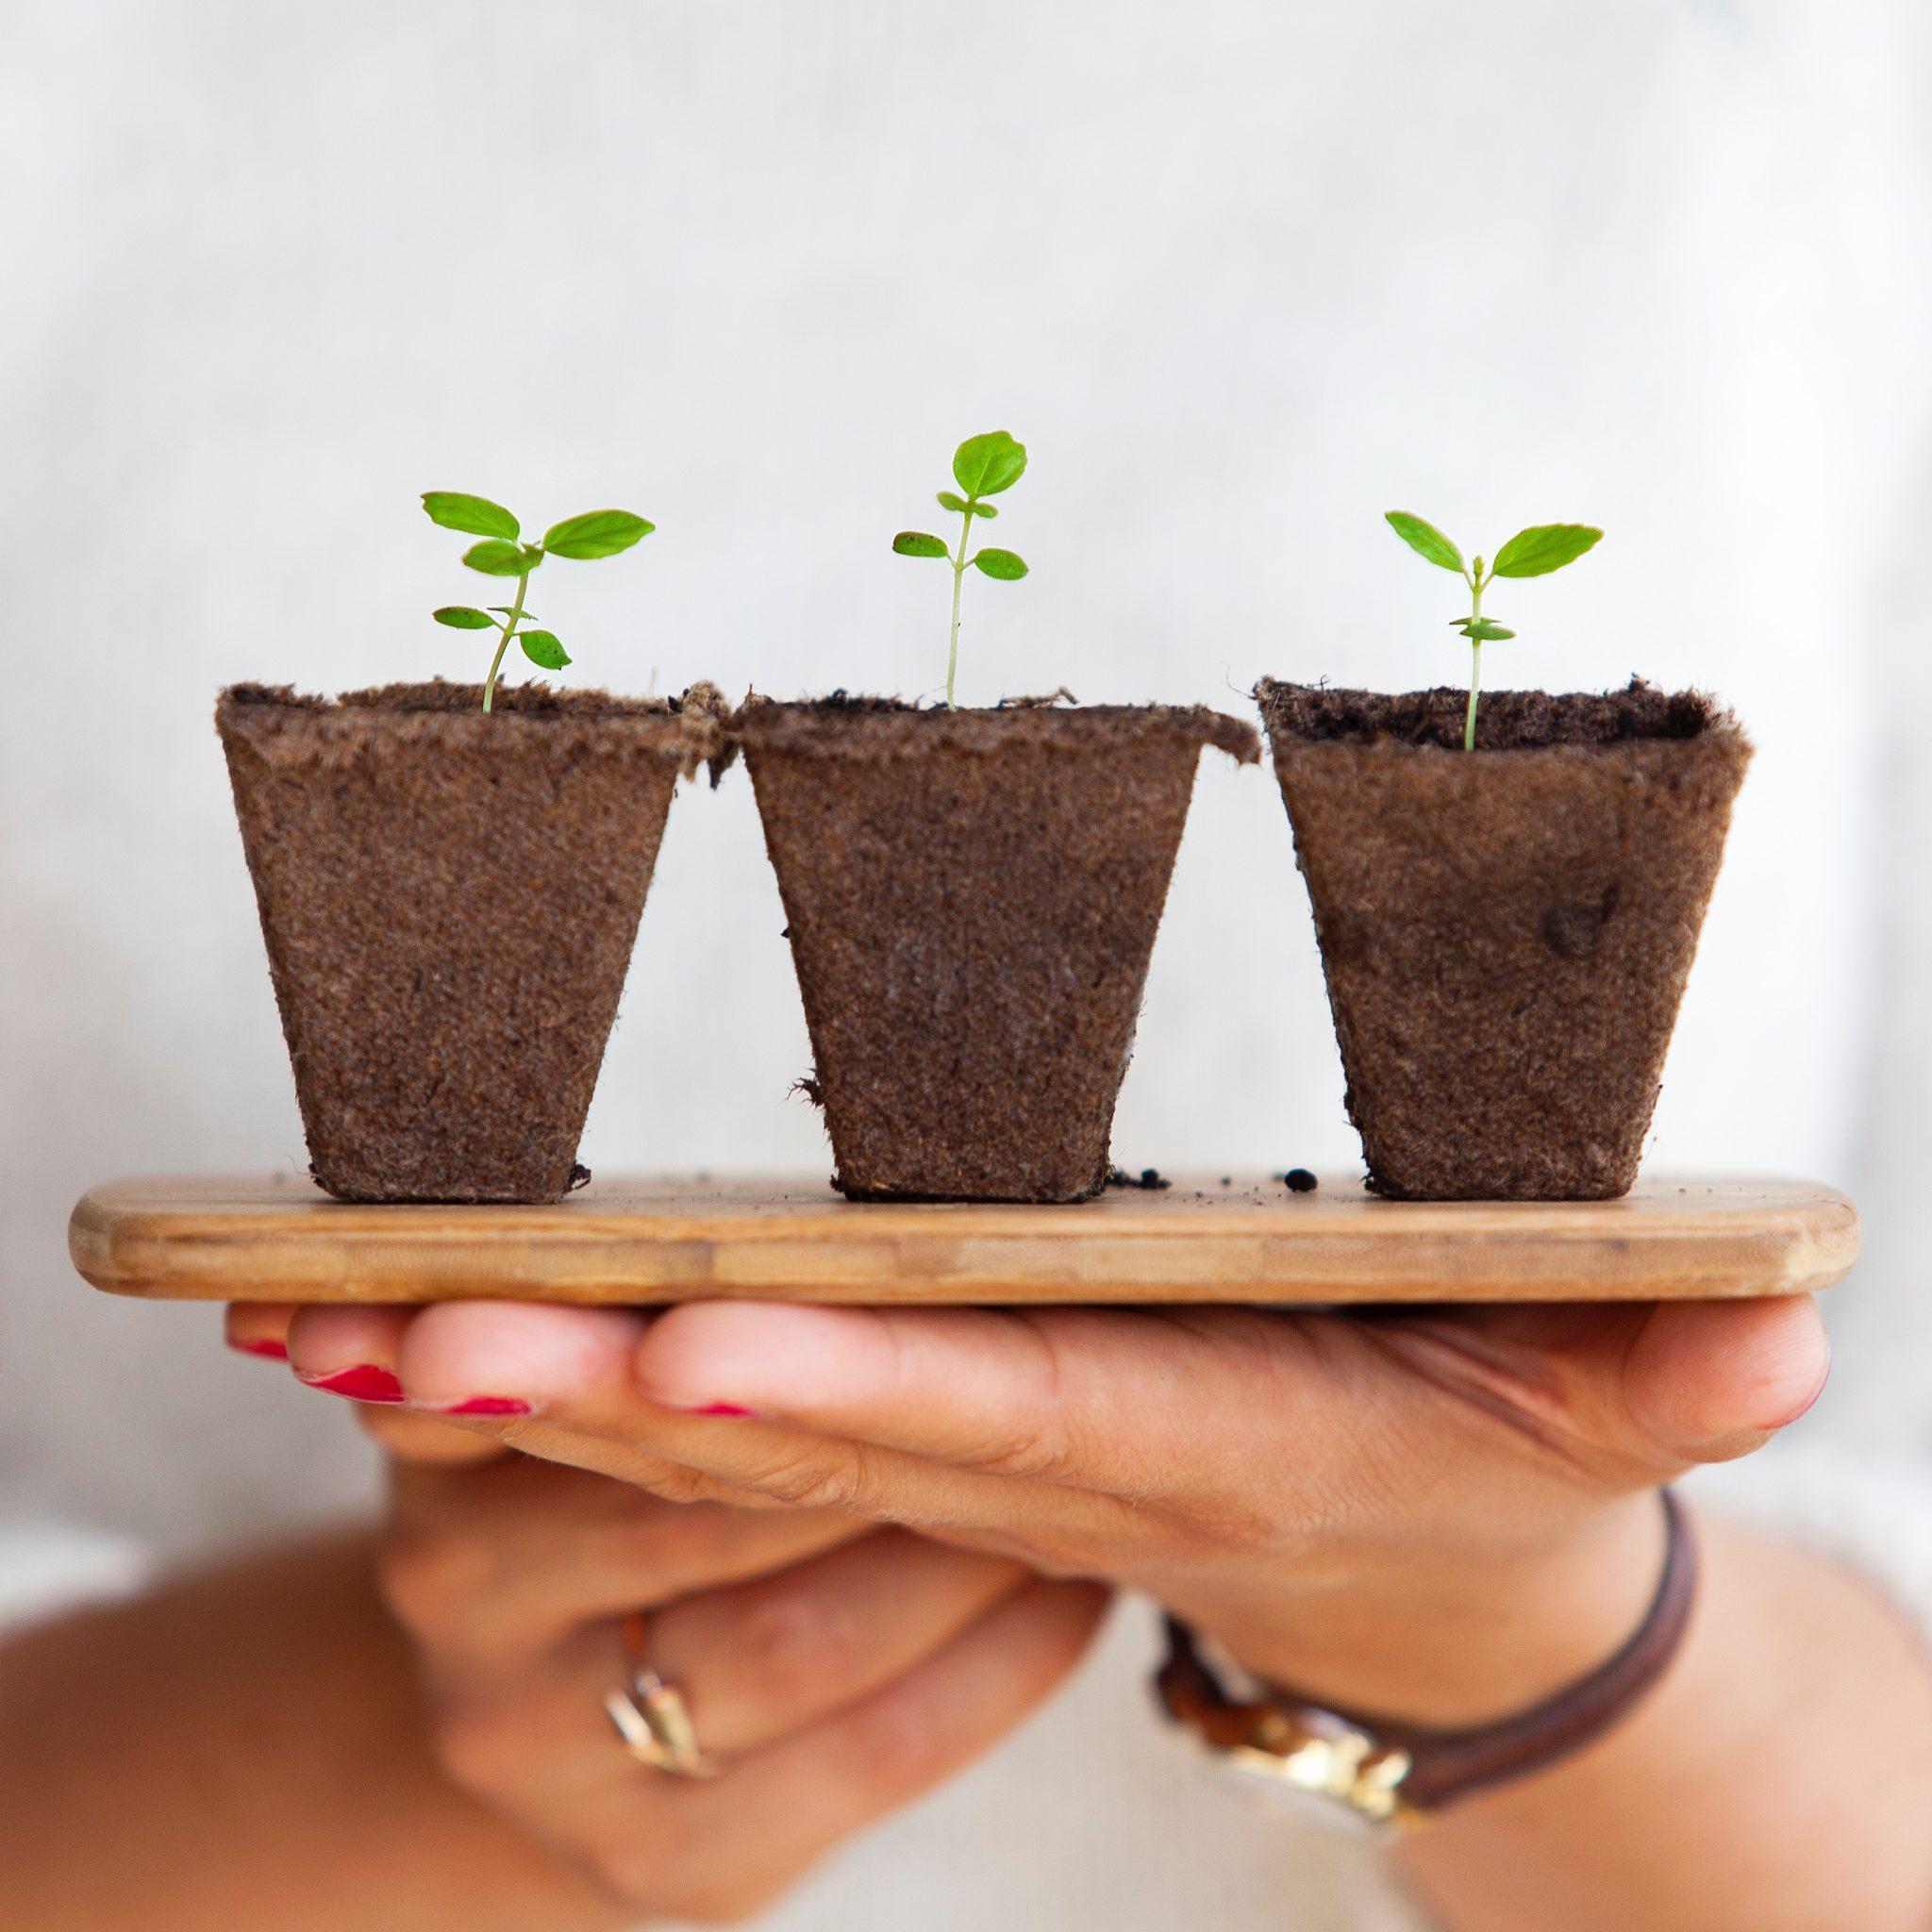 Groen in huis kun je natuurlijk ook gewoon zelf kweken!